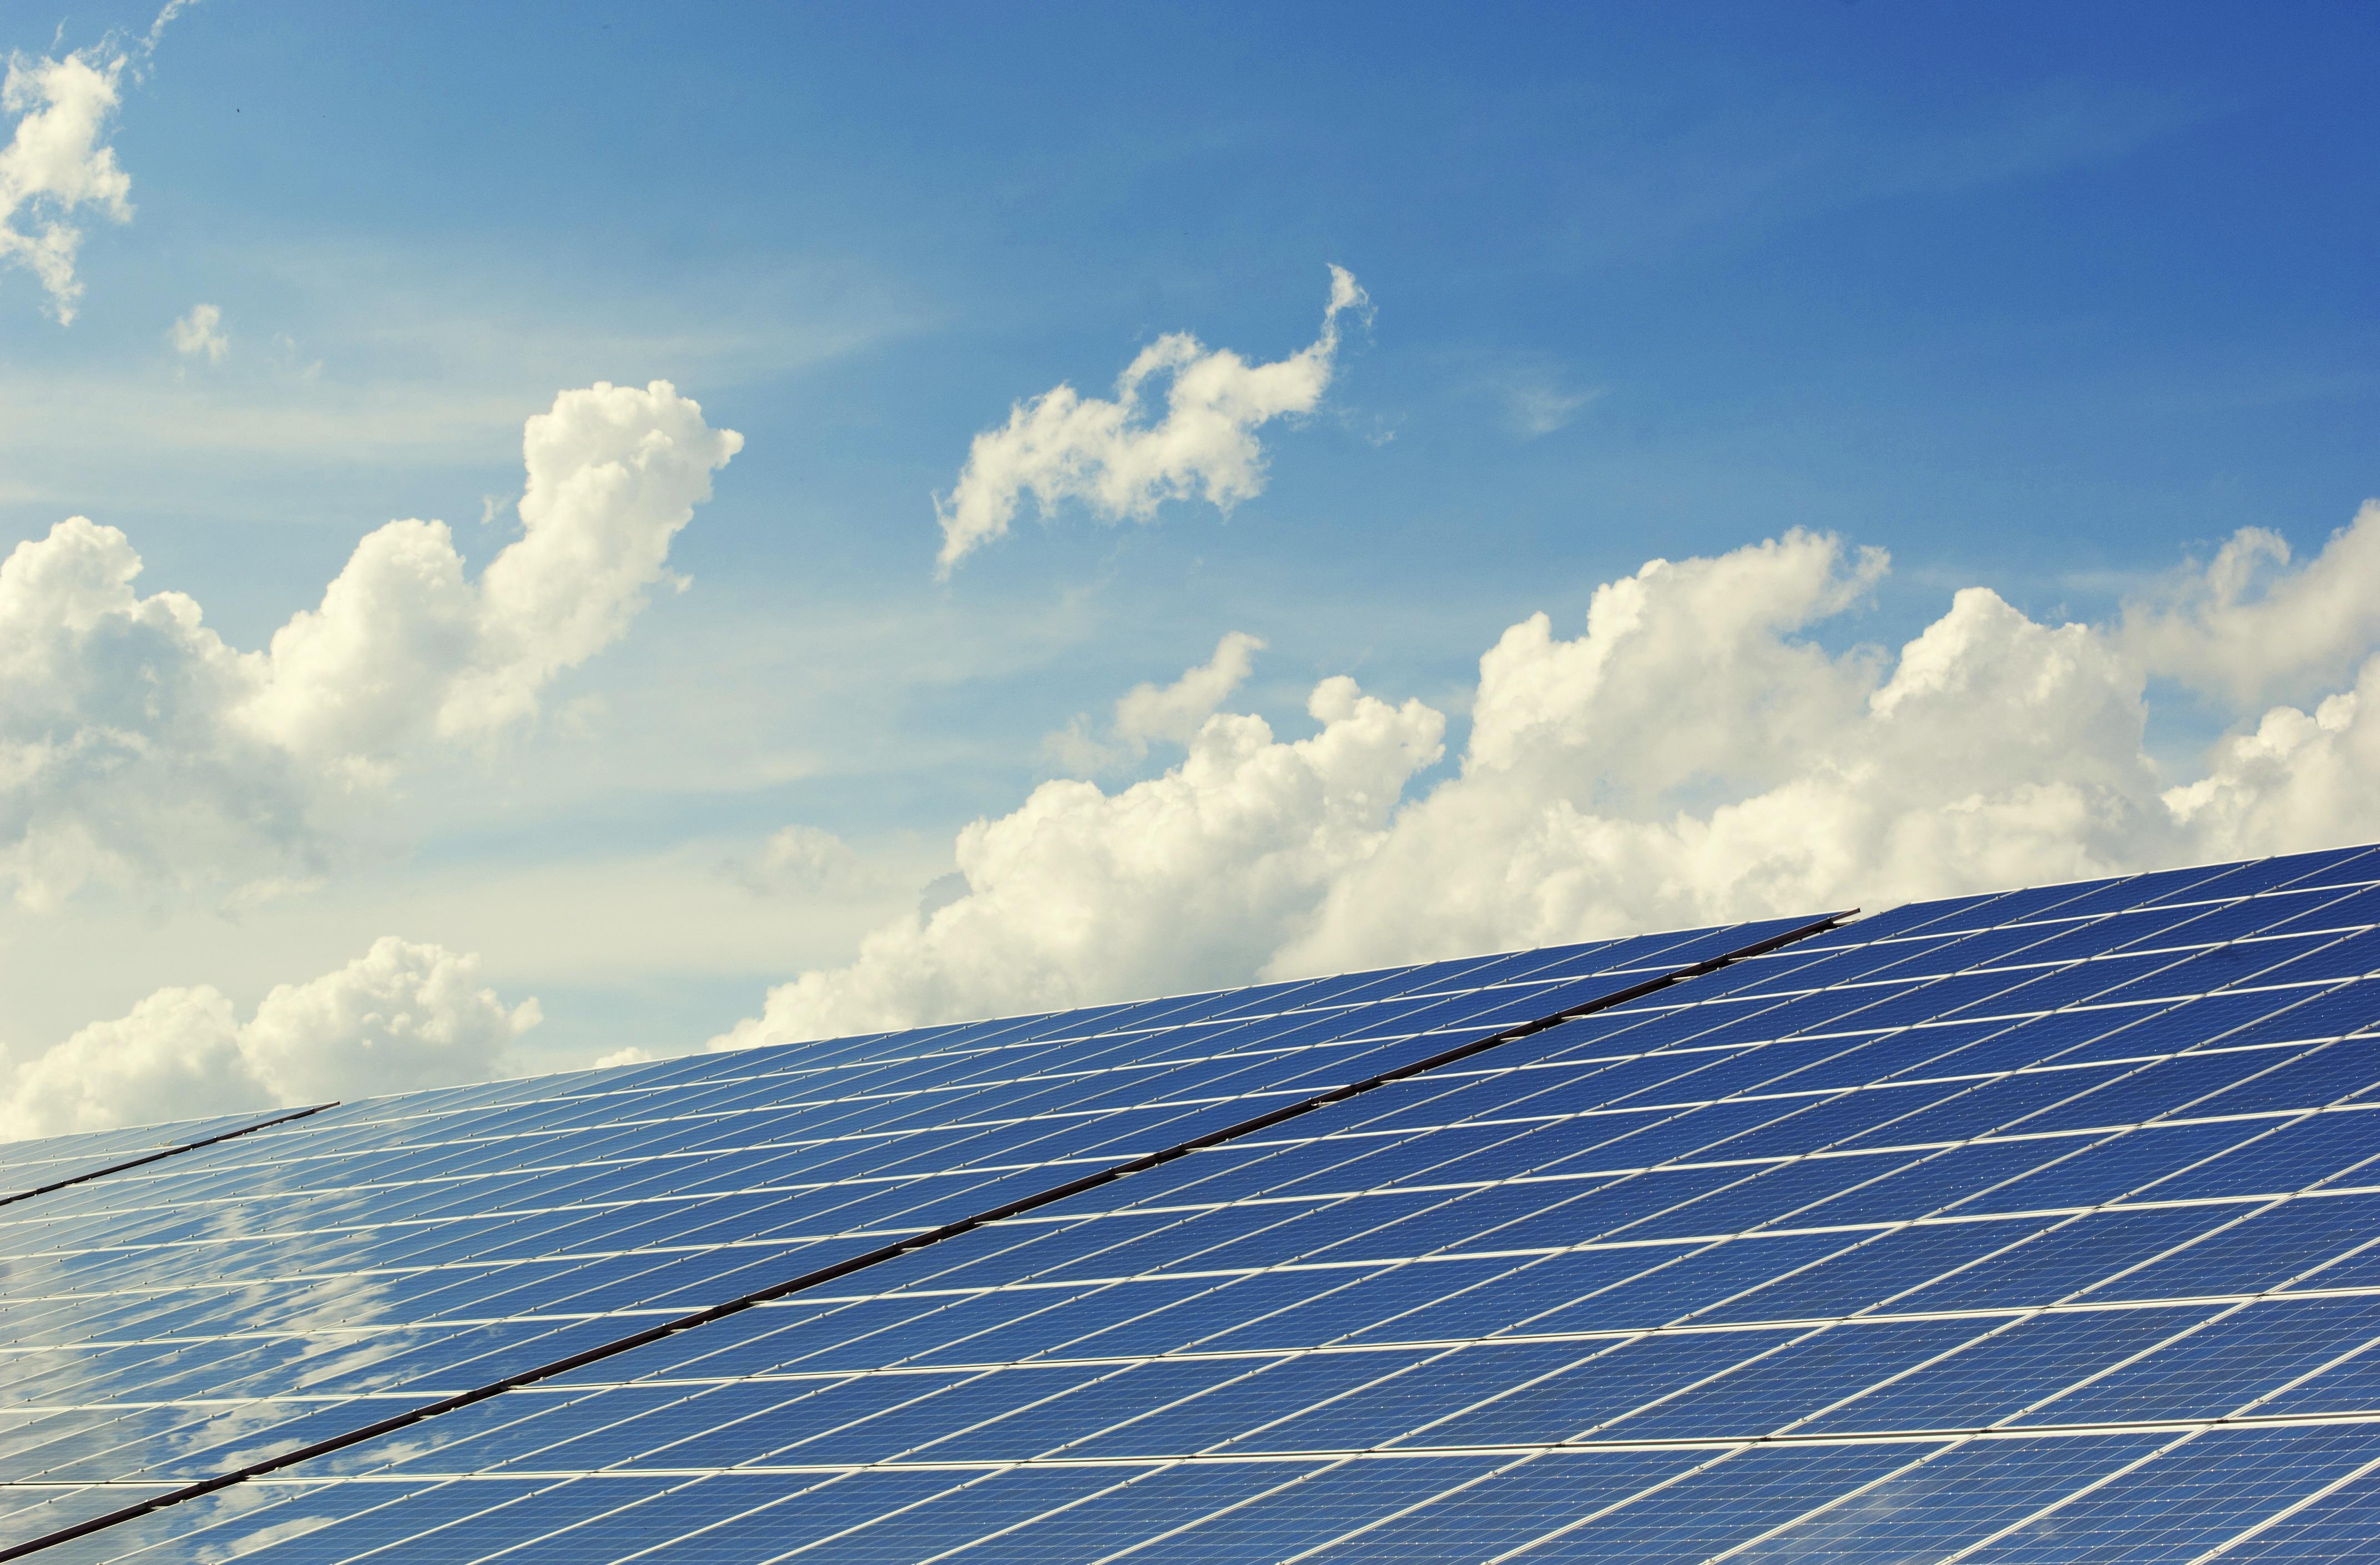 Una aplicación predice con precisión los cambios meteorológicos en las plantas solares